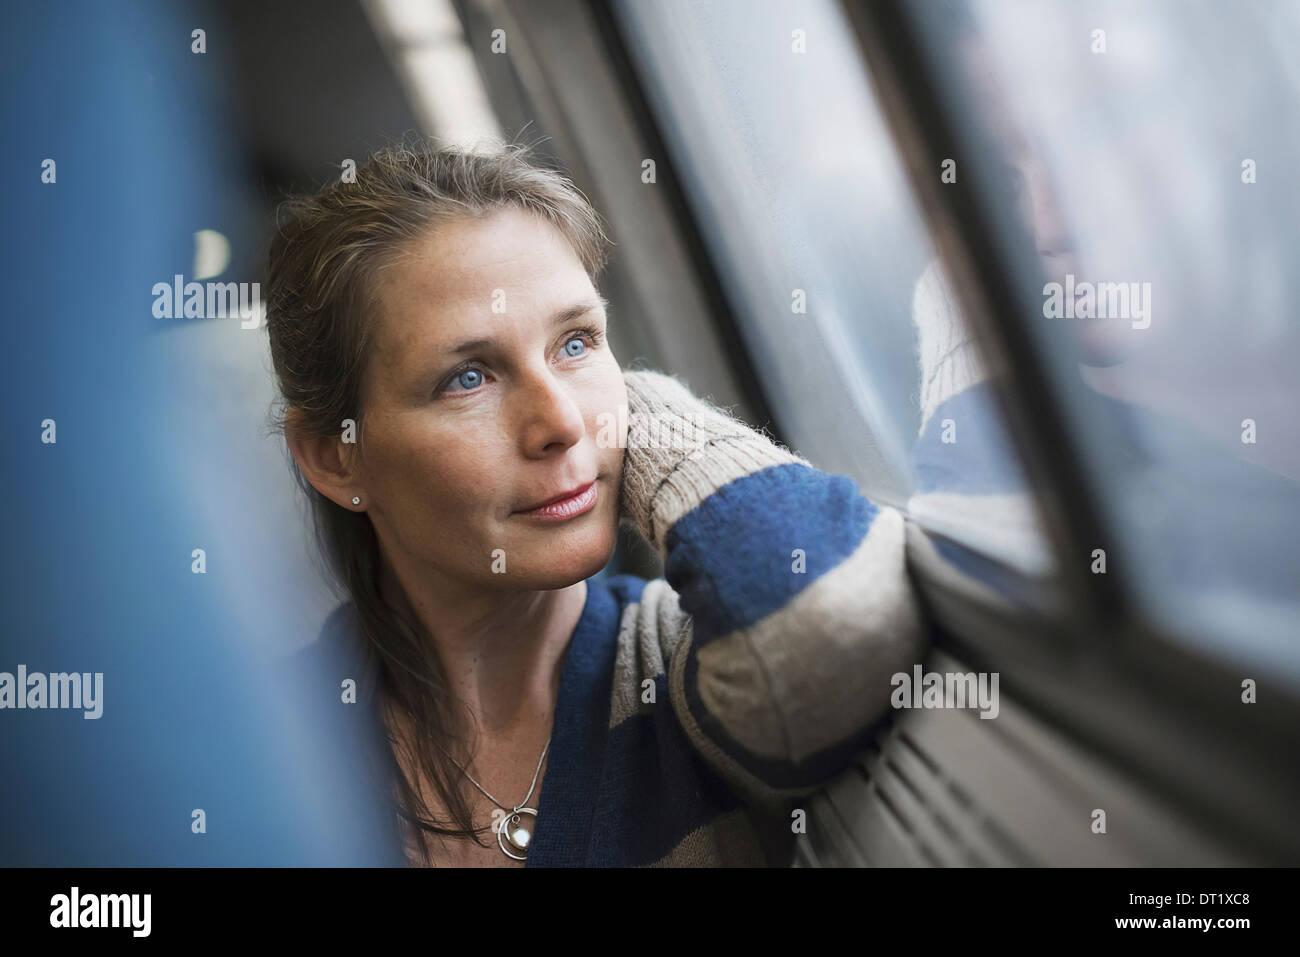 Une femme assise sur un siège côté fenêtre dans un train transport posant sa tête sur sa main à la recherche dans la distance Photo Stock